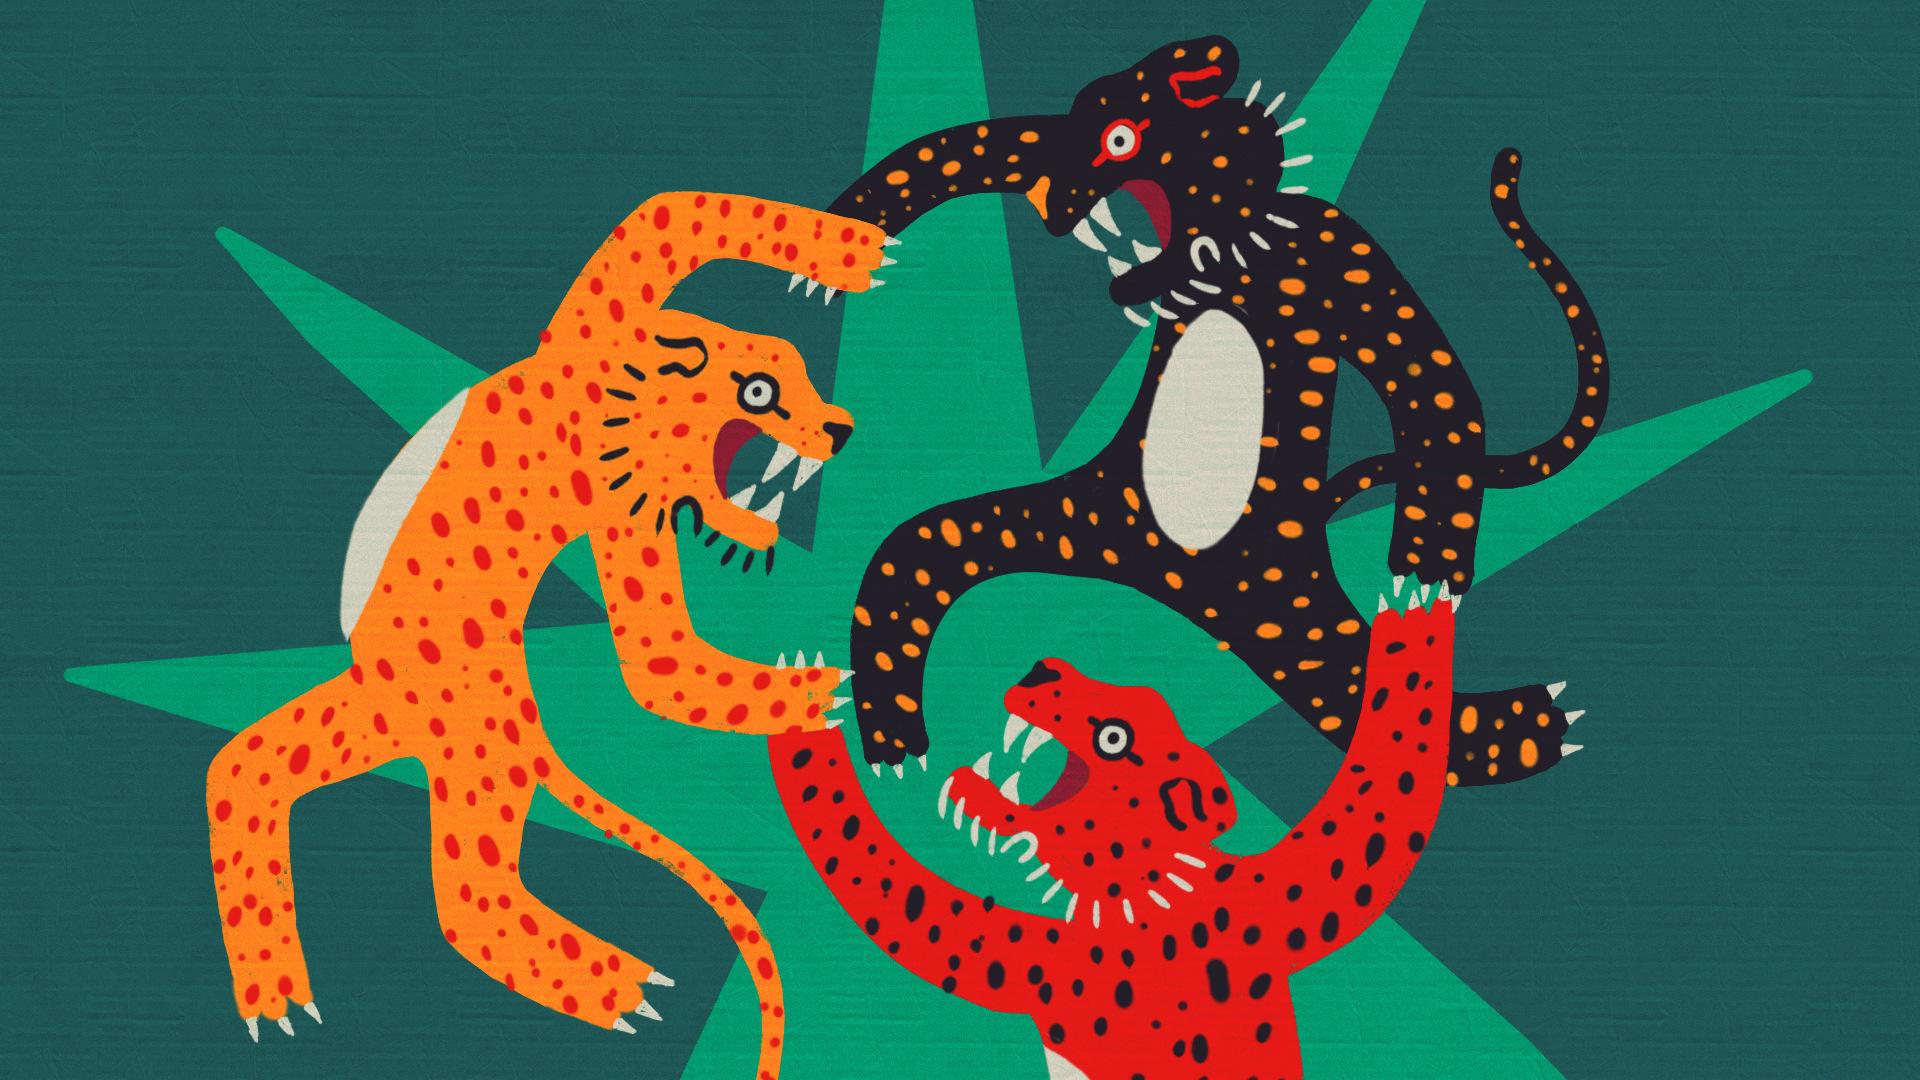 Illustration by Amanda Lobos